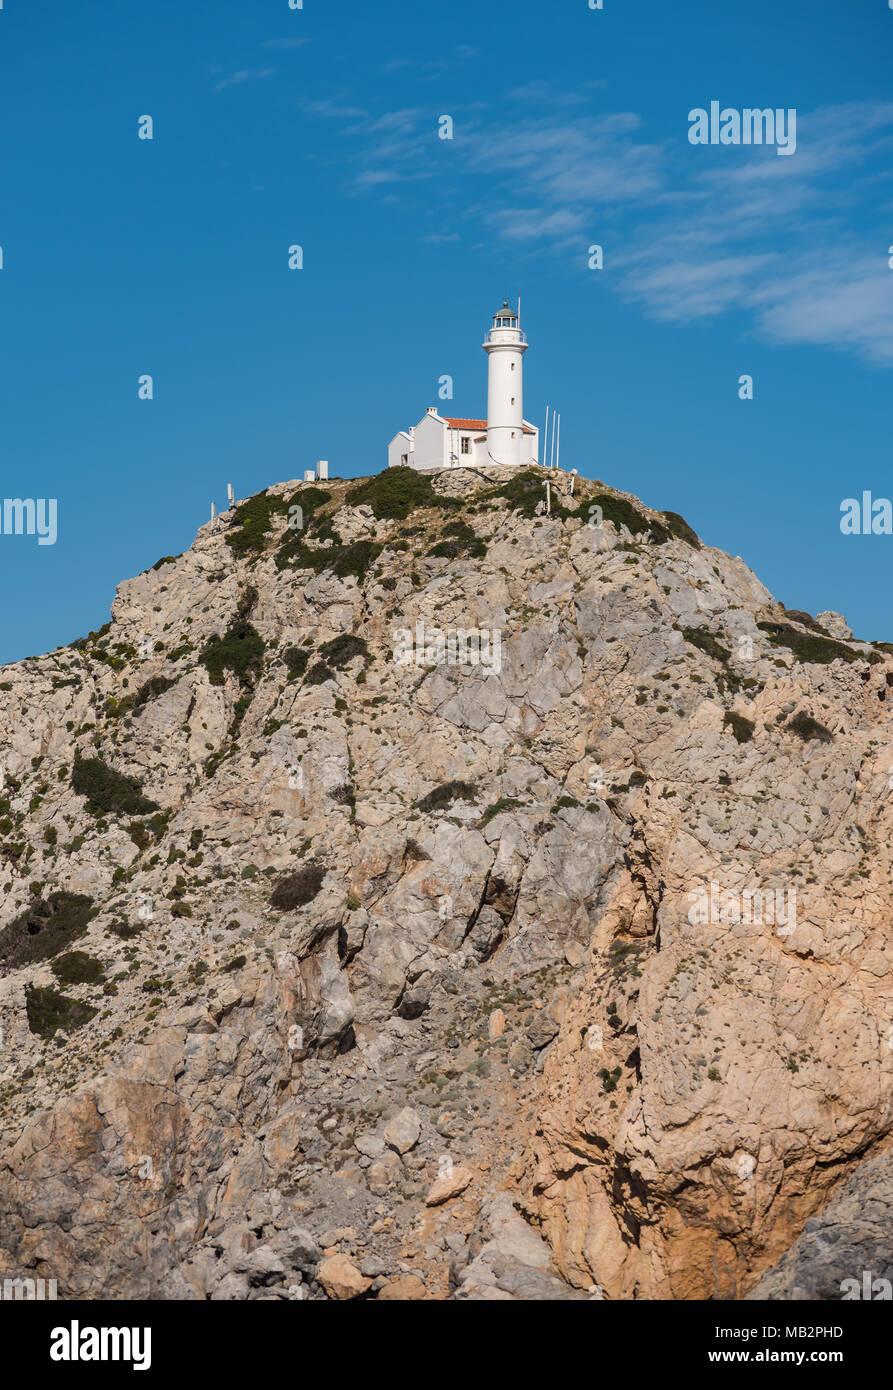 Lighthouse of Symi - Stock Image